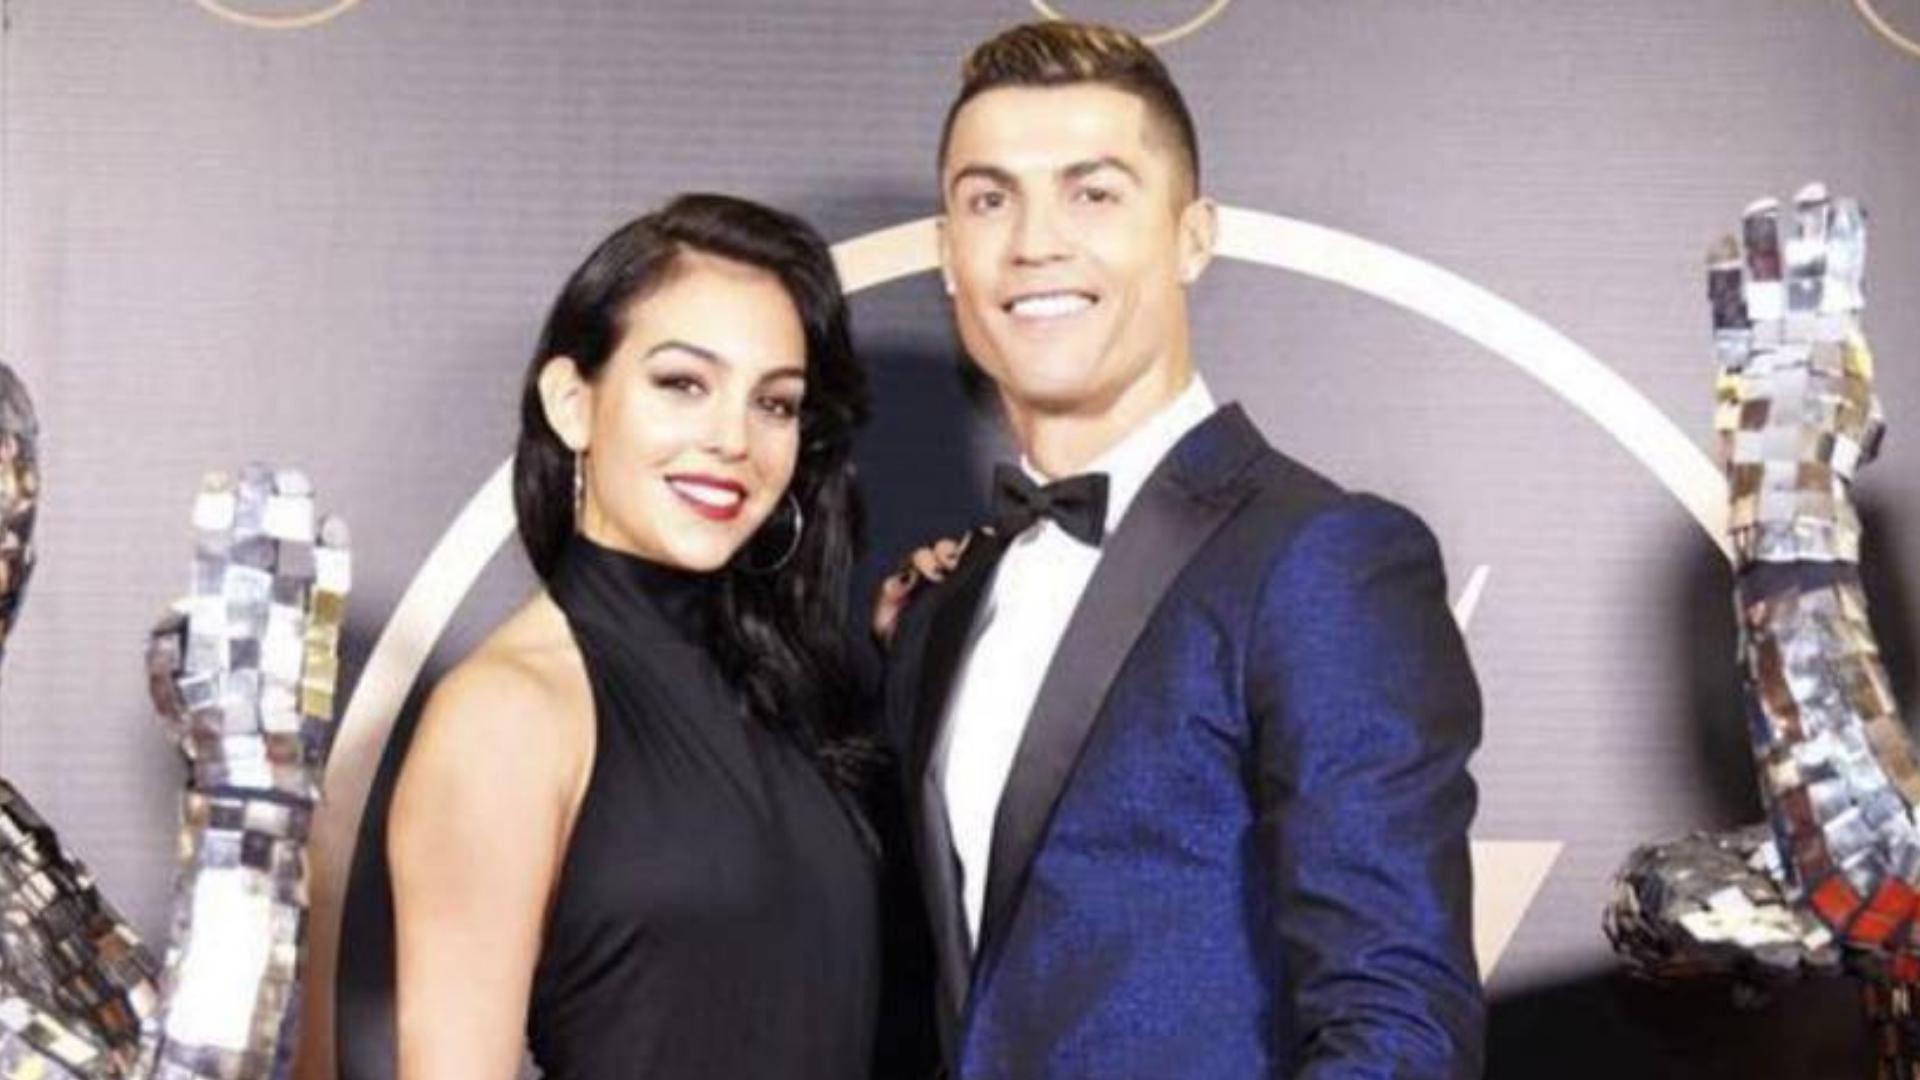 Cristiano Ronaldo compra el anillo de compromiso más caro del mundo